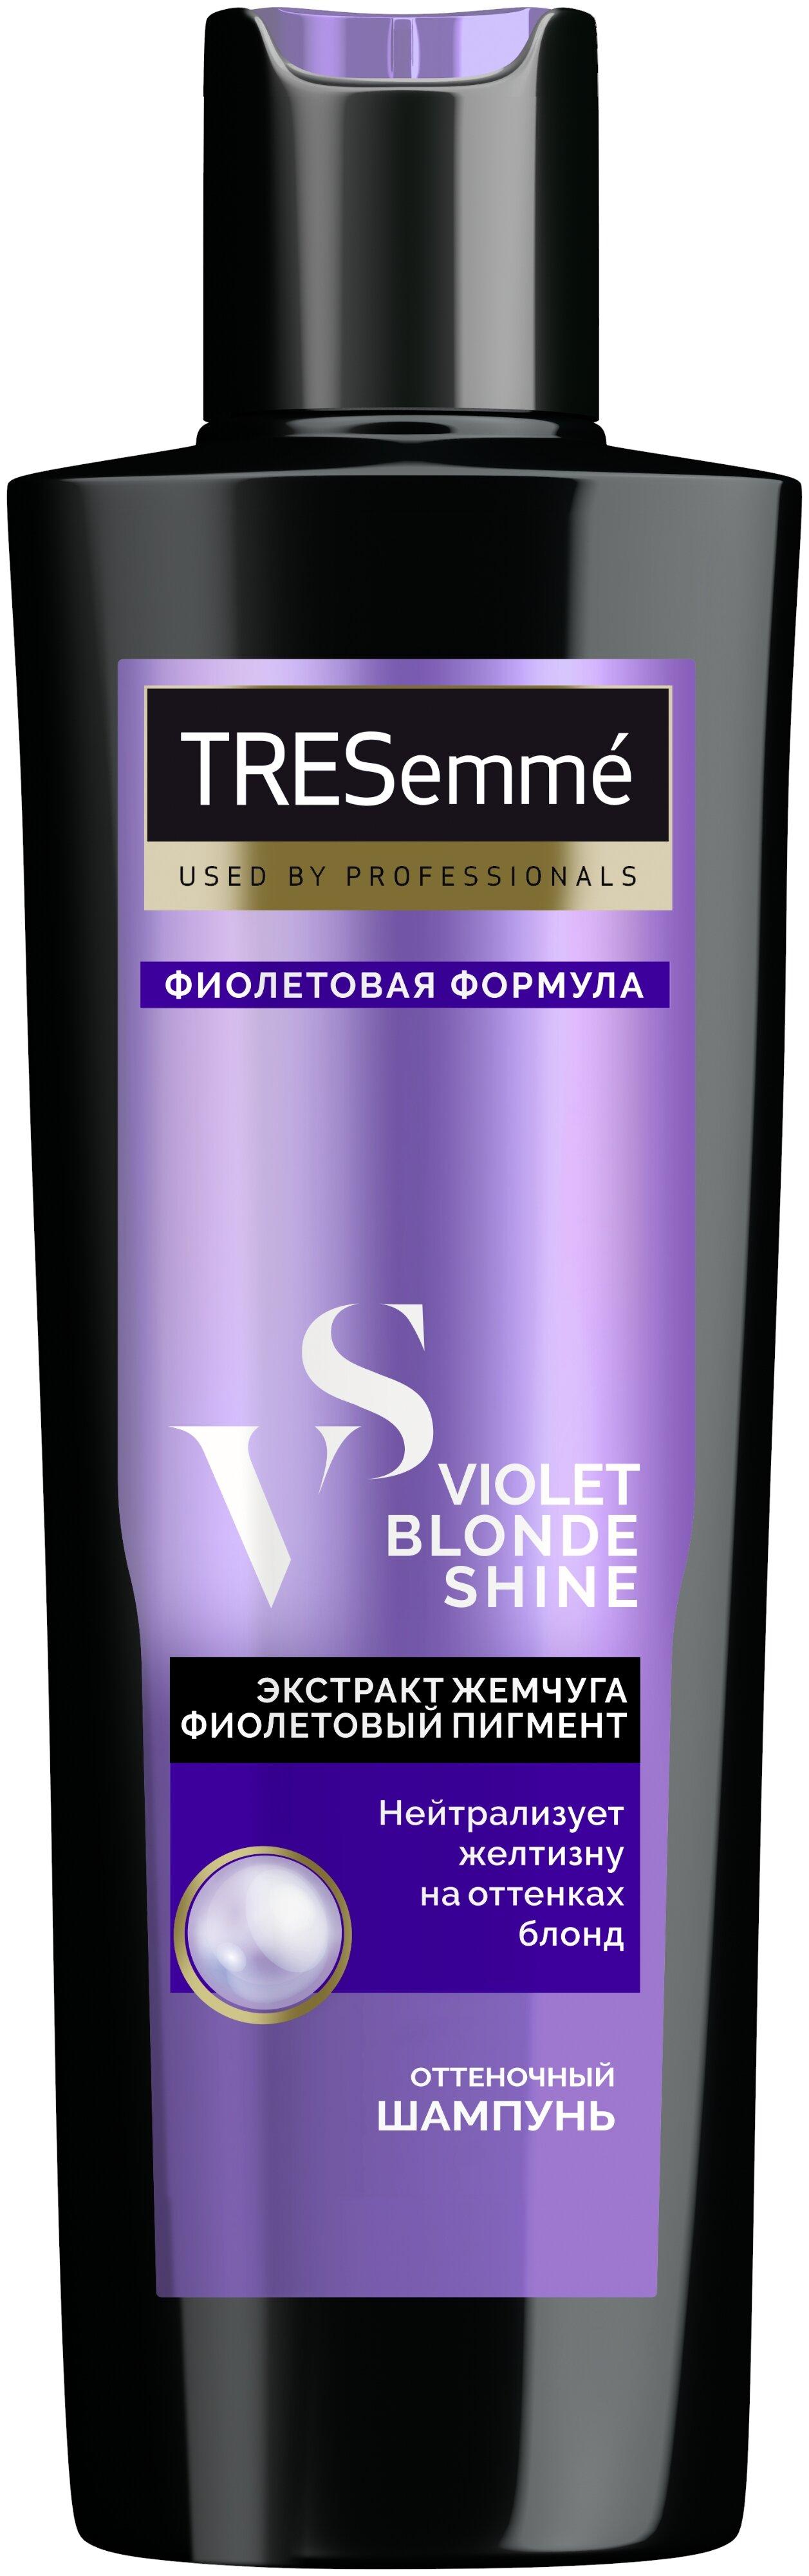 """TRESemme Violet Blond Shine """"Фиолетовая формула"""" - содержит кератин, глицерин"""